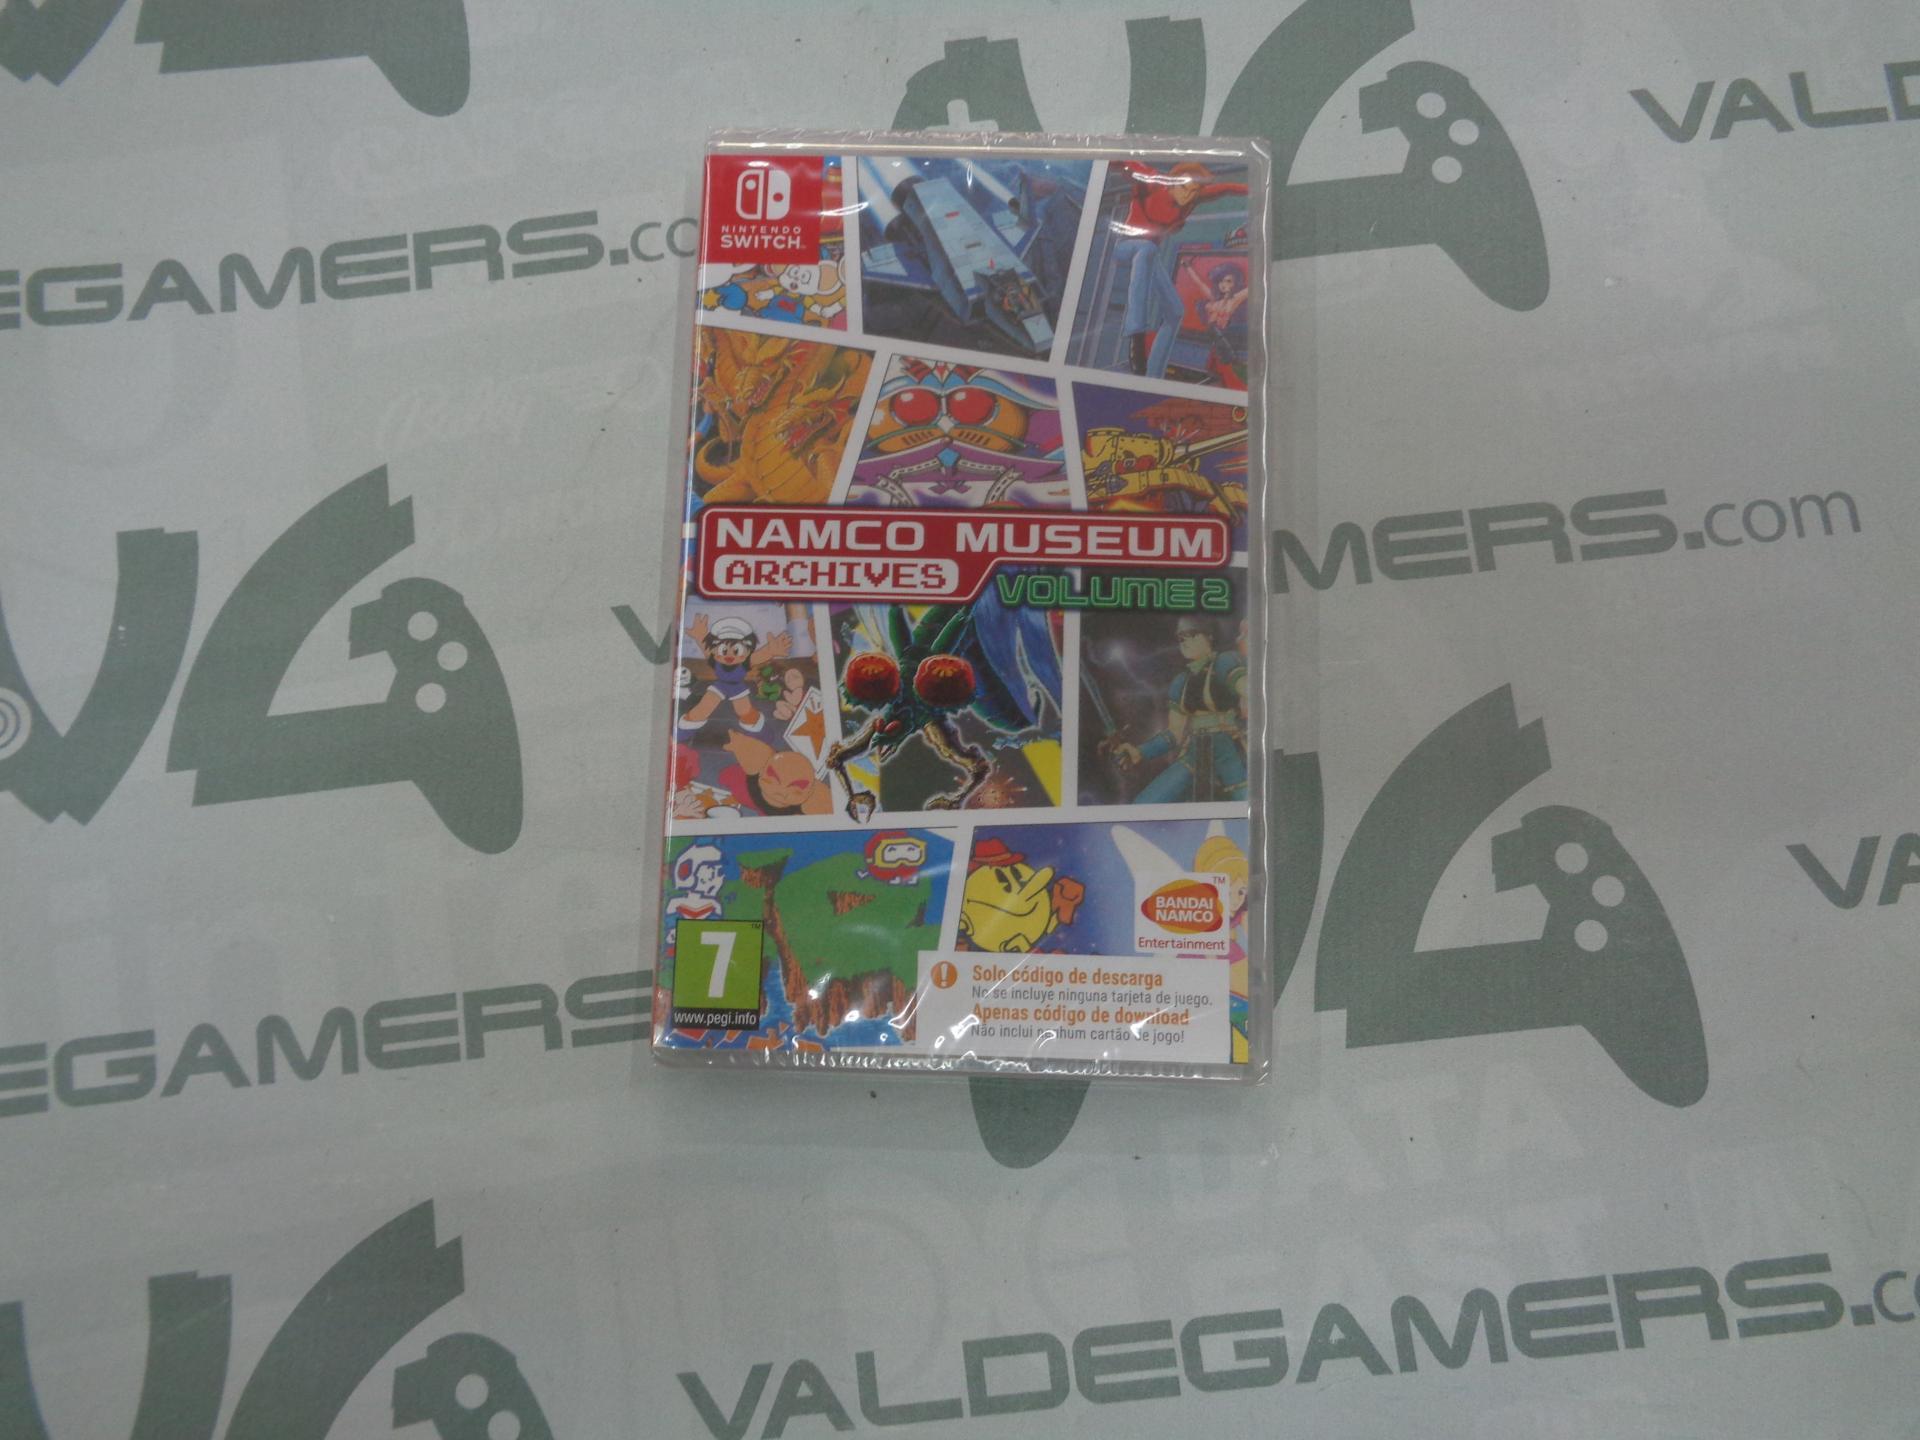 Namco Museum Archives Volumen 2 - NUEVO